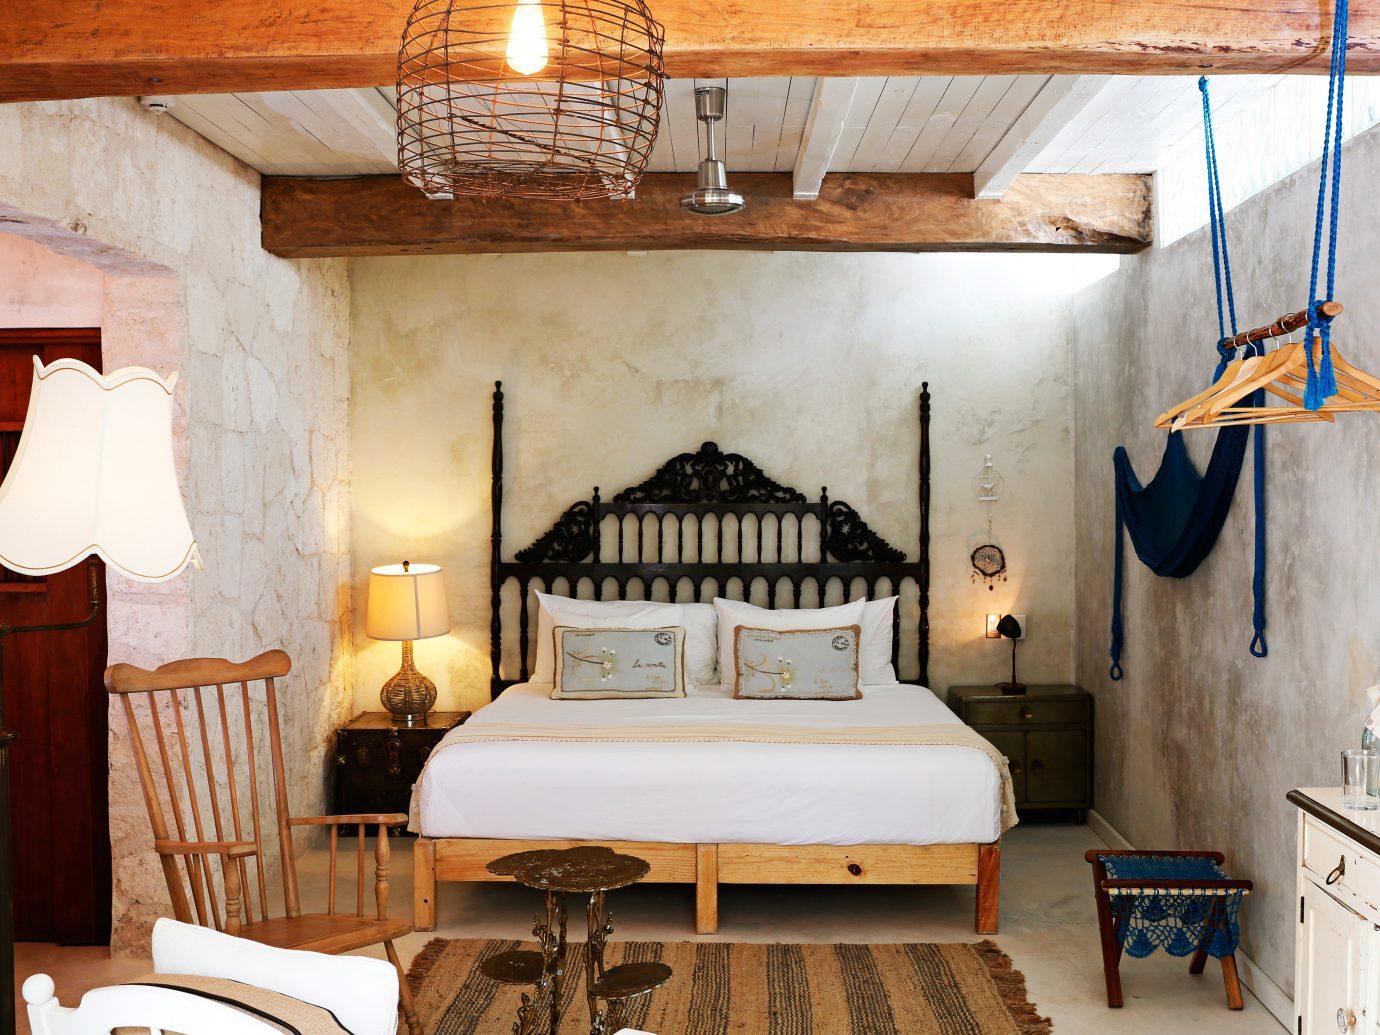 Bedroom at Hotel La Semilla, Playa del Carmen, Mexico